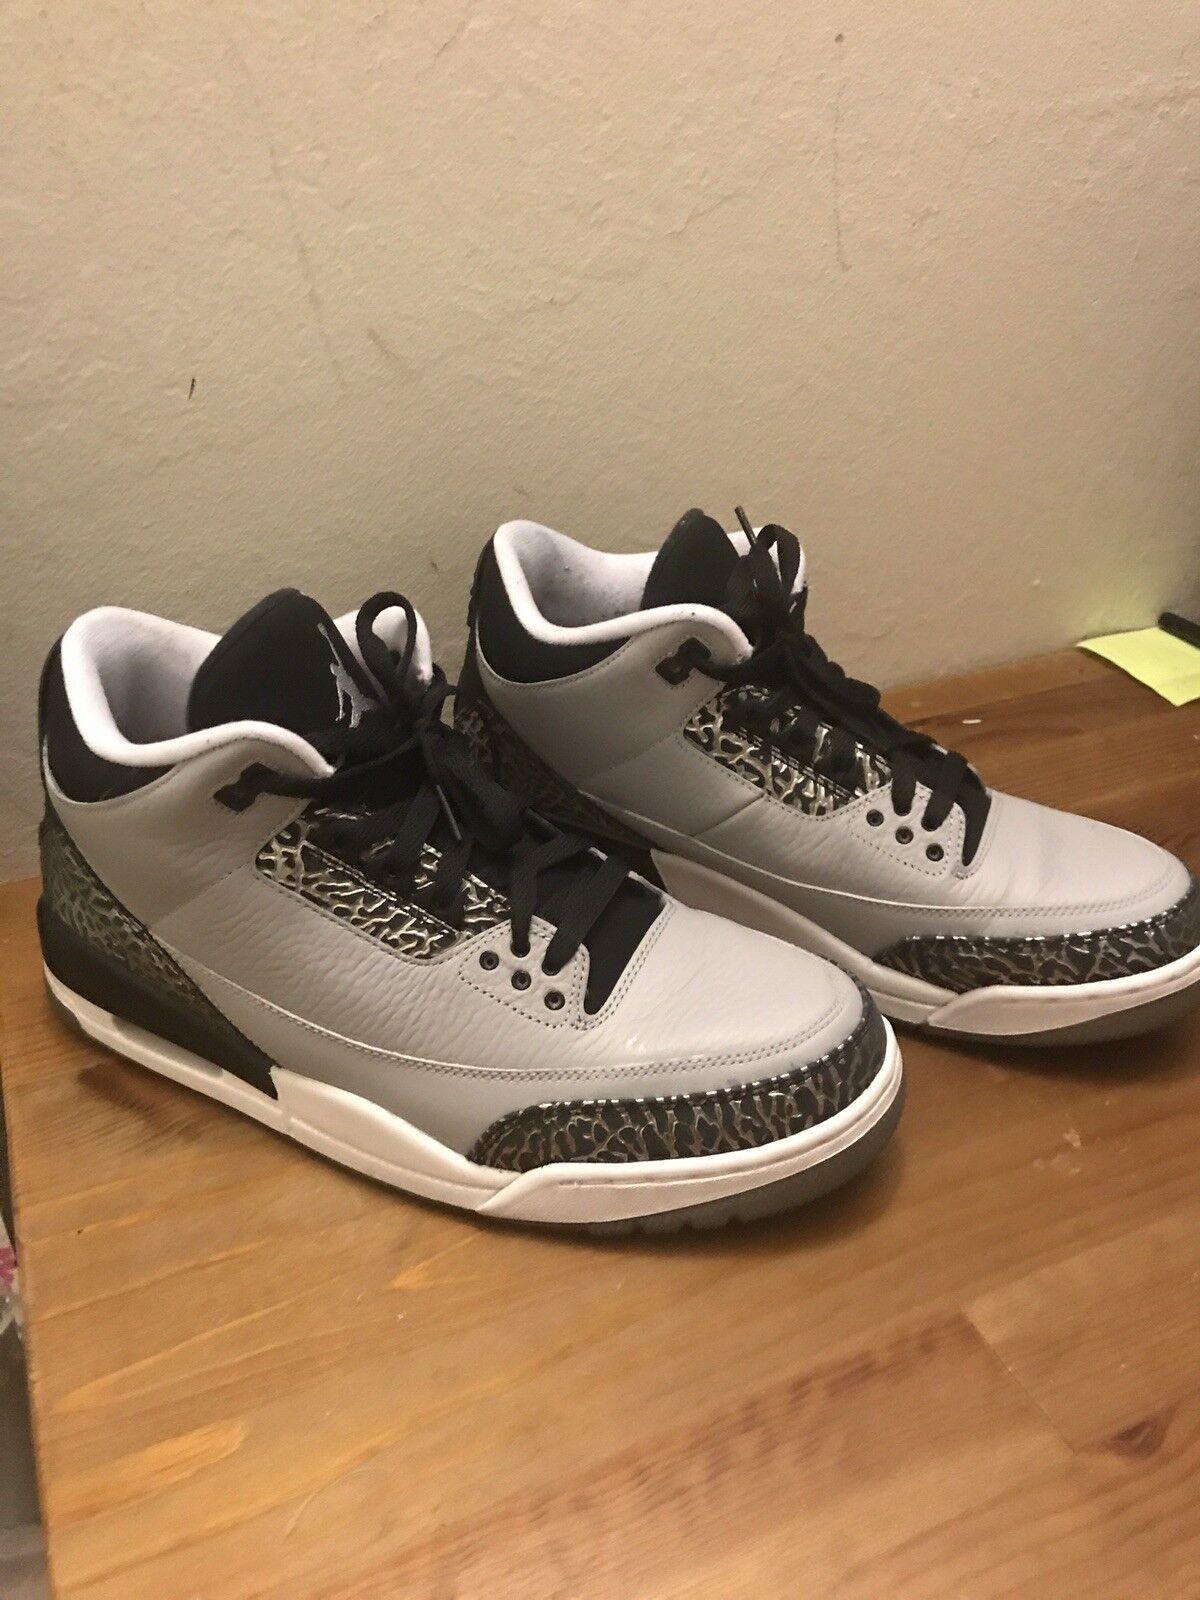 Nike air jordan 3 retrò iii 136064-004 lupo grigio / nero taglia 11